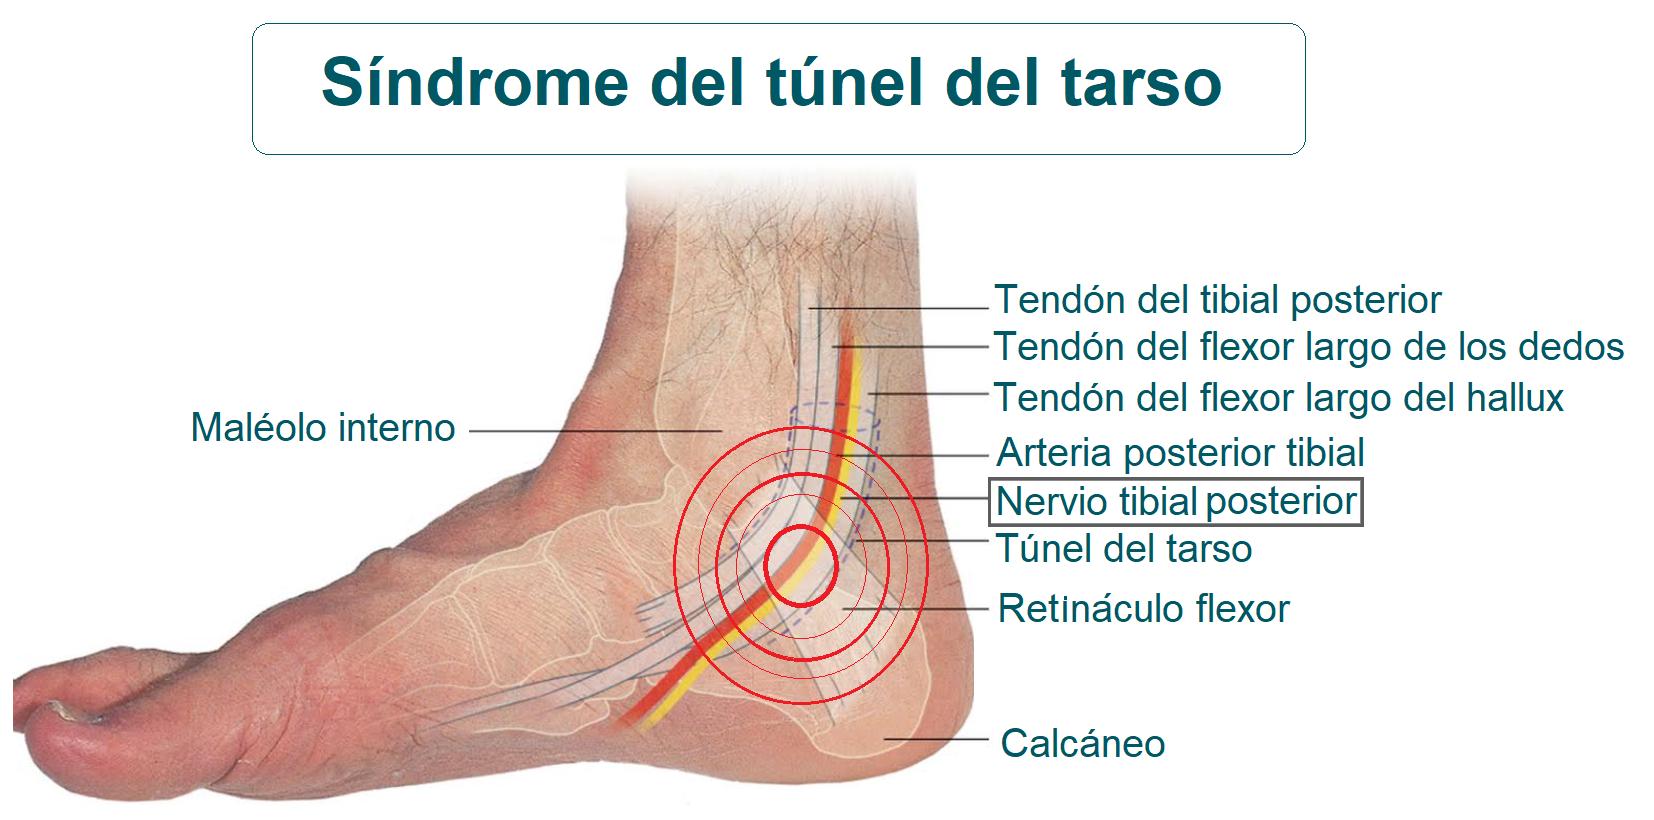 Anatomía del síndrome del túnel del tarso